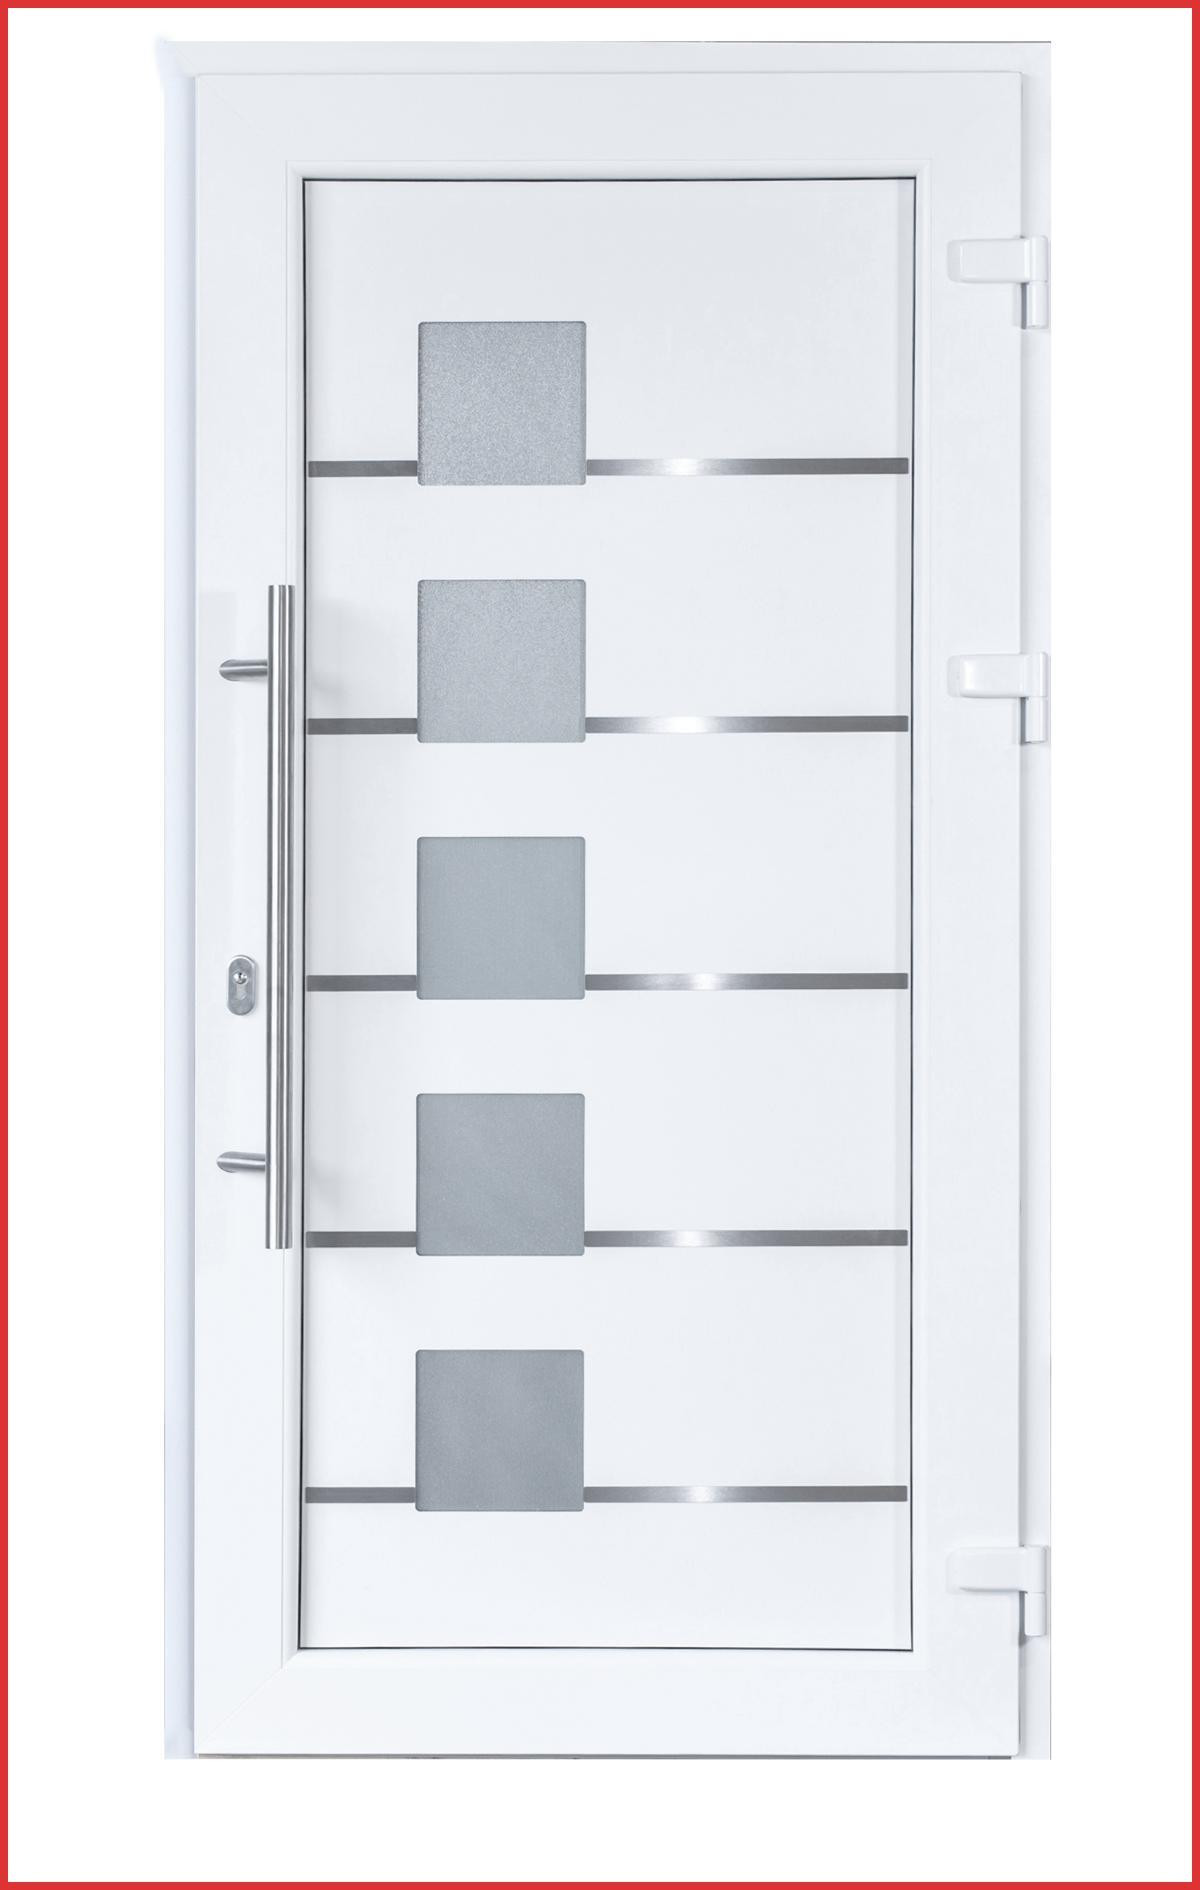 Full Size of Fenster Kaufen In Polen Rollcontainer Bad Schüco Online Bett Günstig Sicherheitsfolie Bodengleiche Dusche Einbauen Küche Roro Hotel Phönix Füssing Fenster Fenster Kaufen In Polen